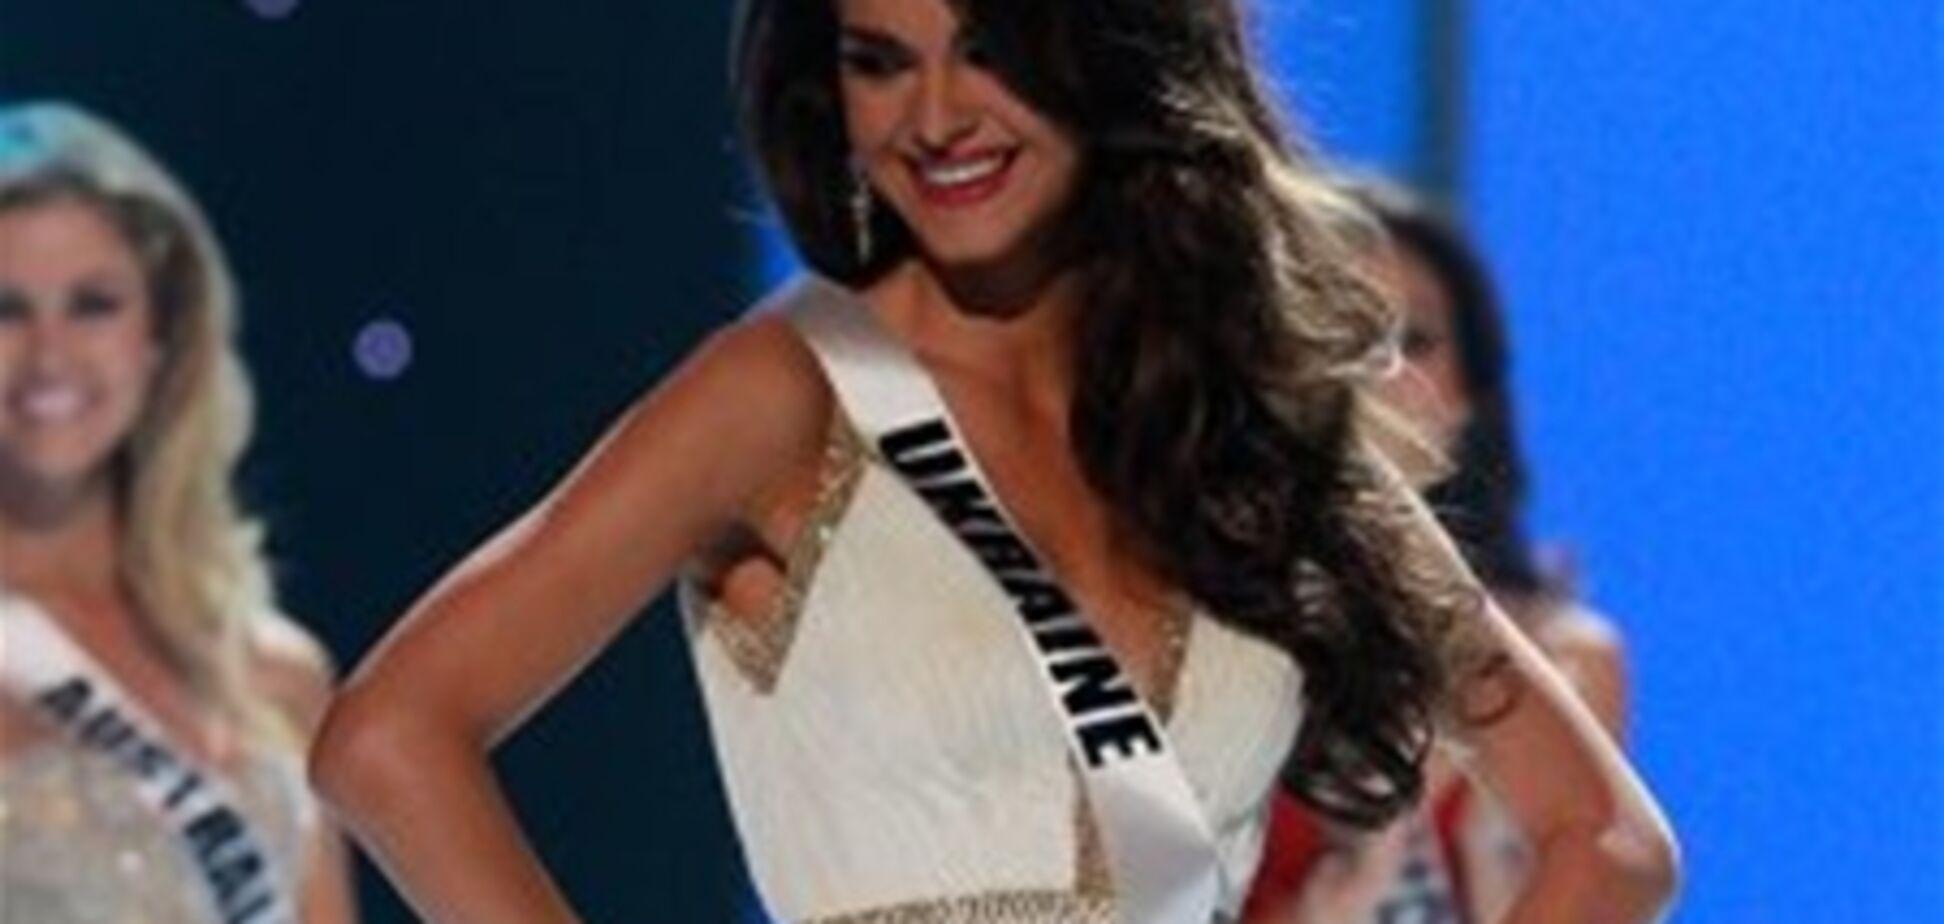 Українка відзначилася у конкурсі 'Міс Всесвіт-2011'